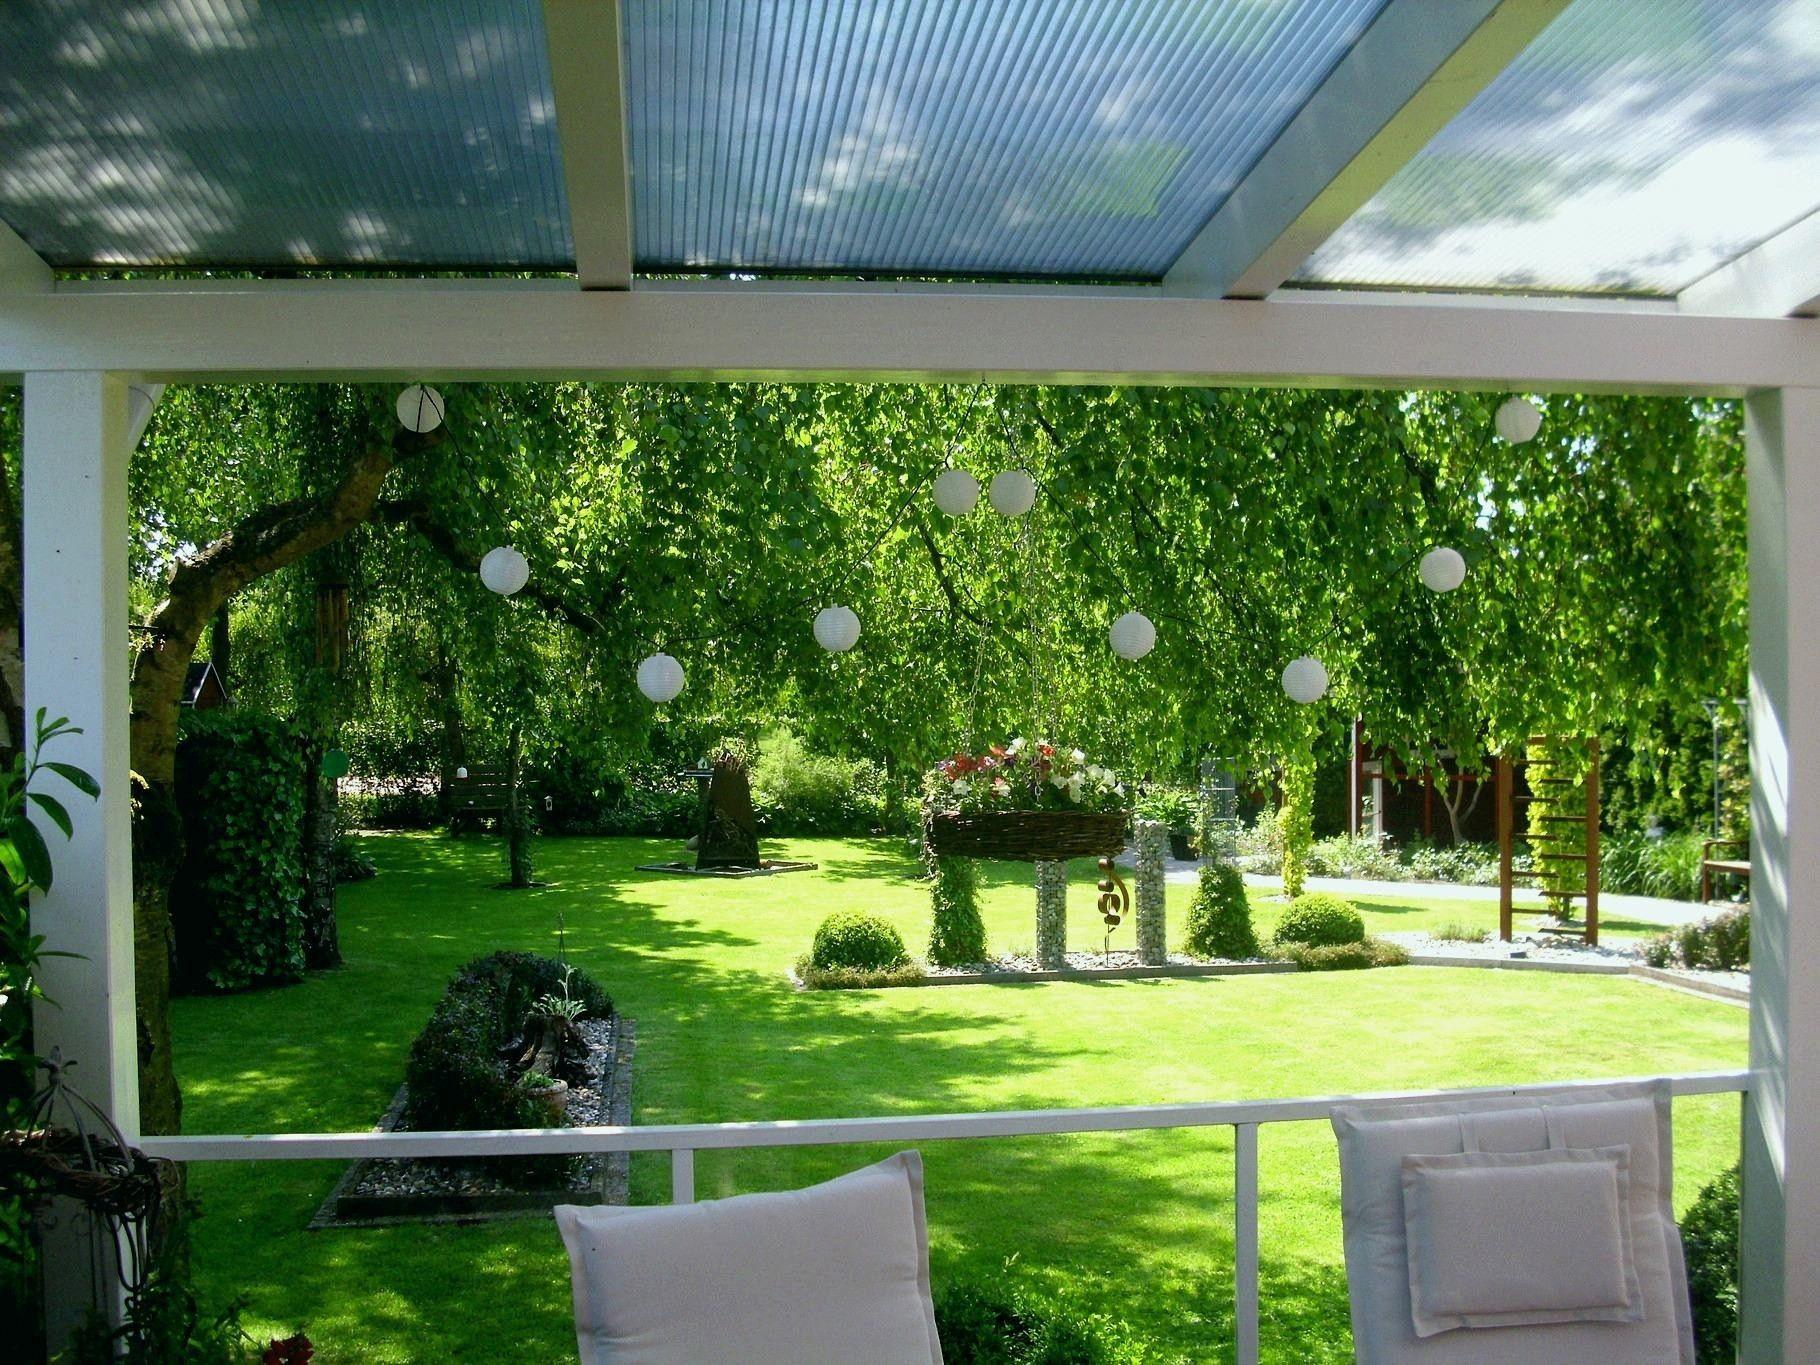 Garten Gestalten Programm Kostenlos   Attraktives Wohndesign